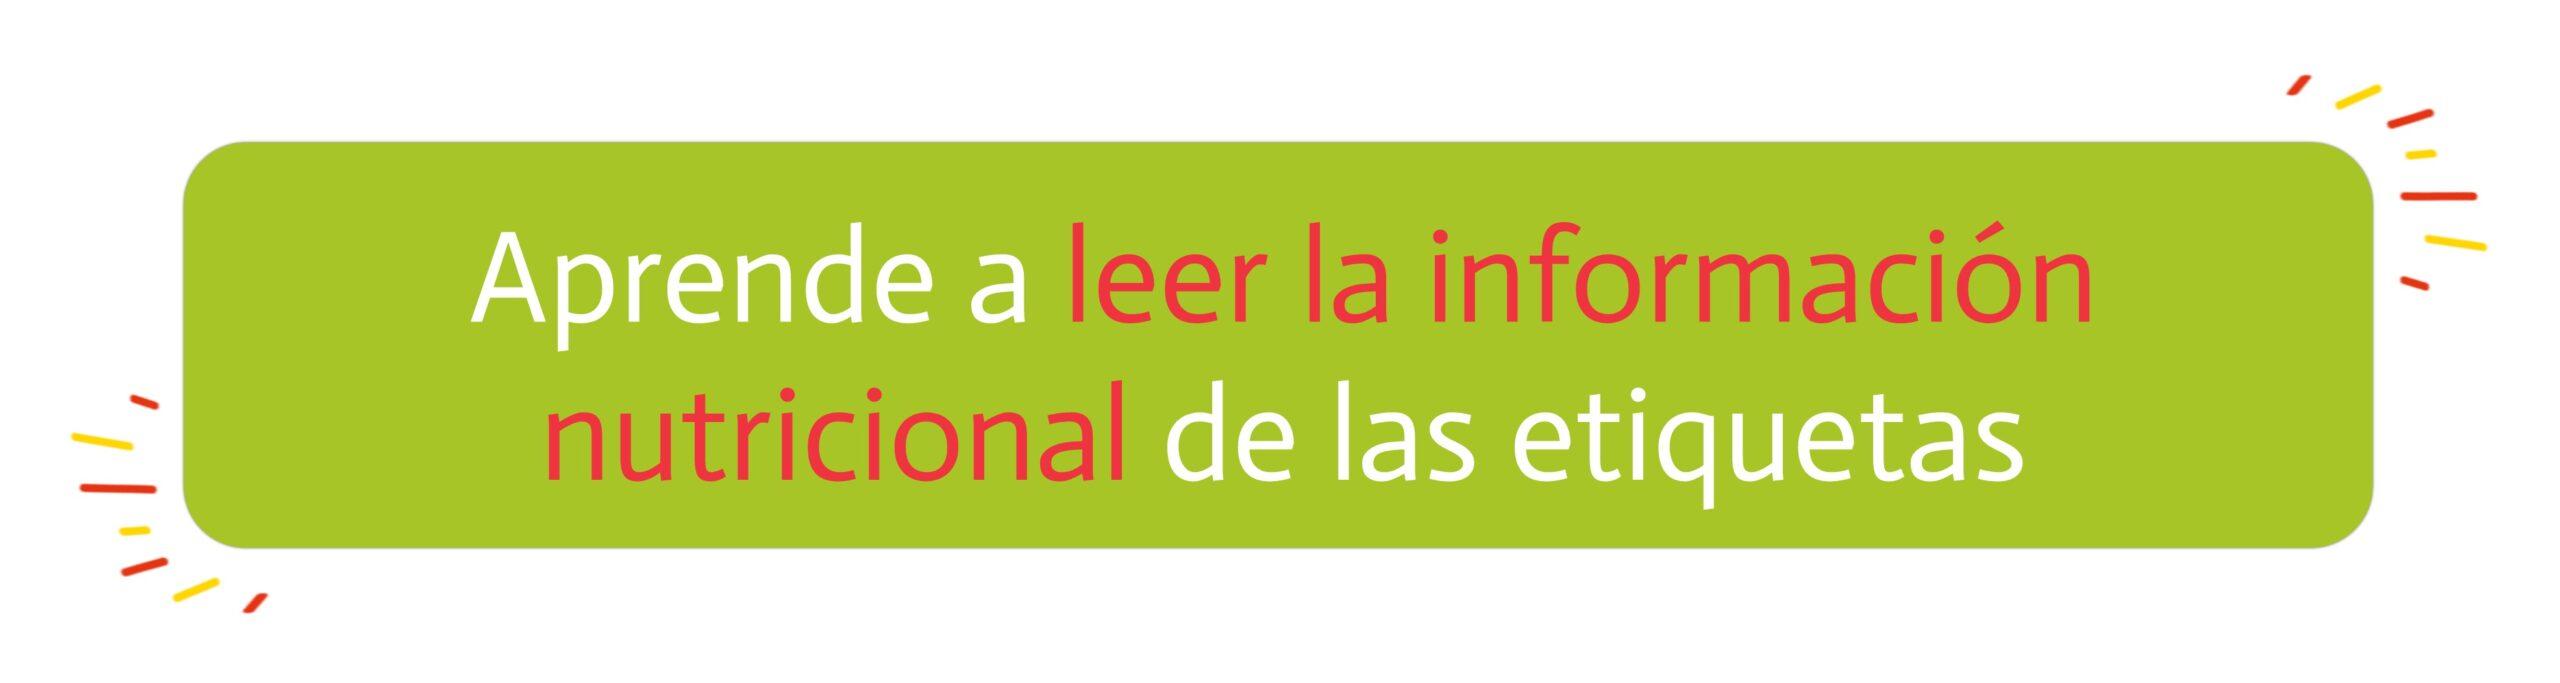 ZES - CTA Text - Infografía alimentación 2